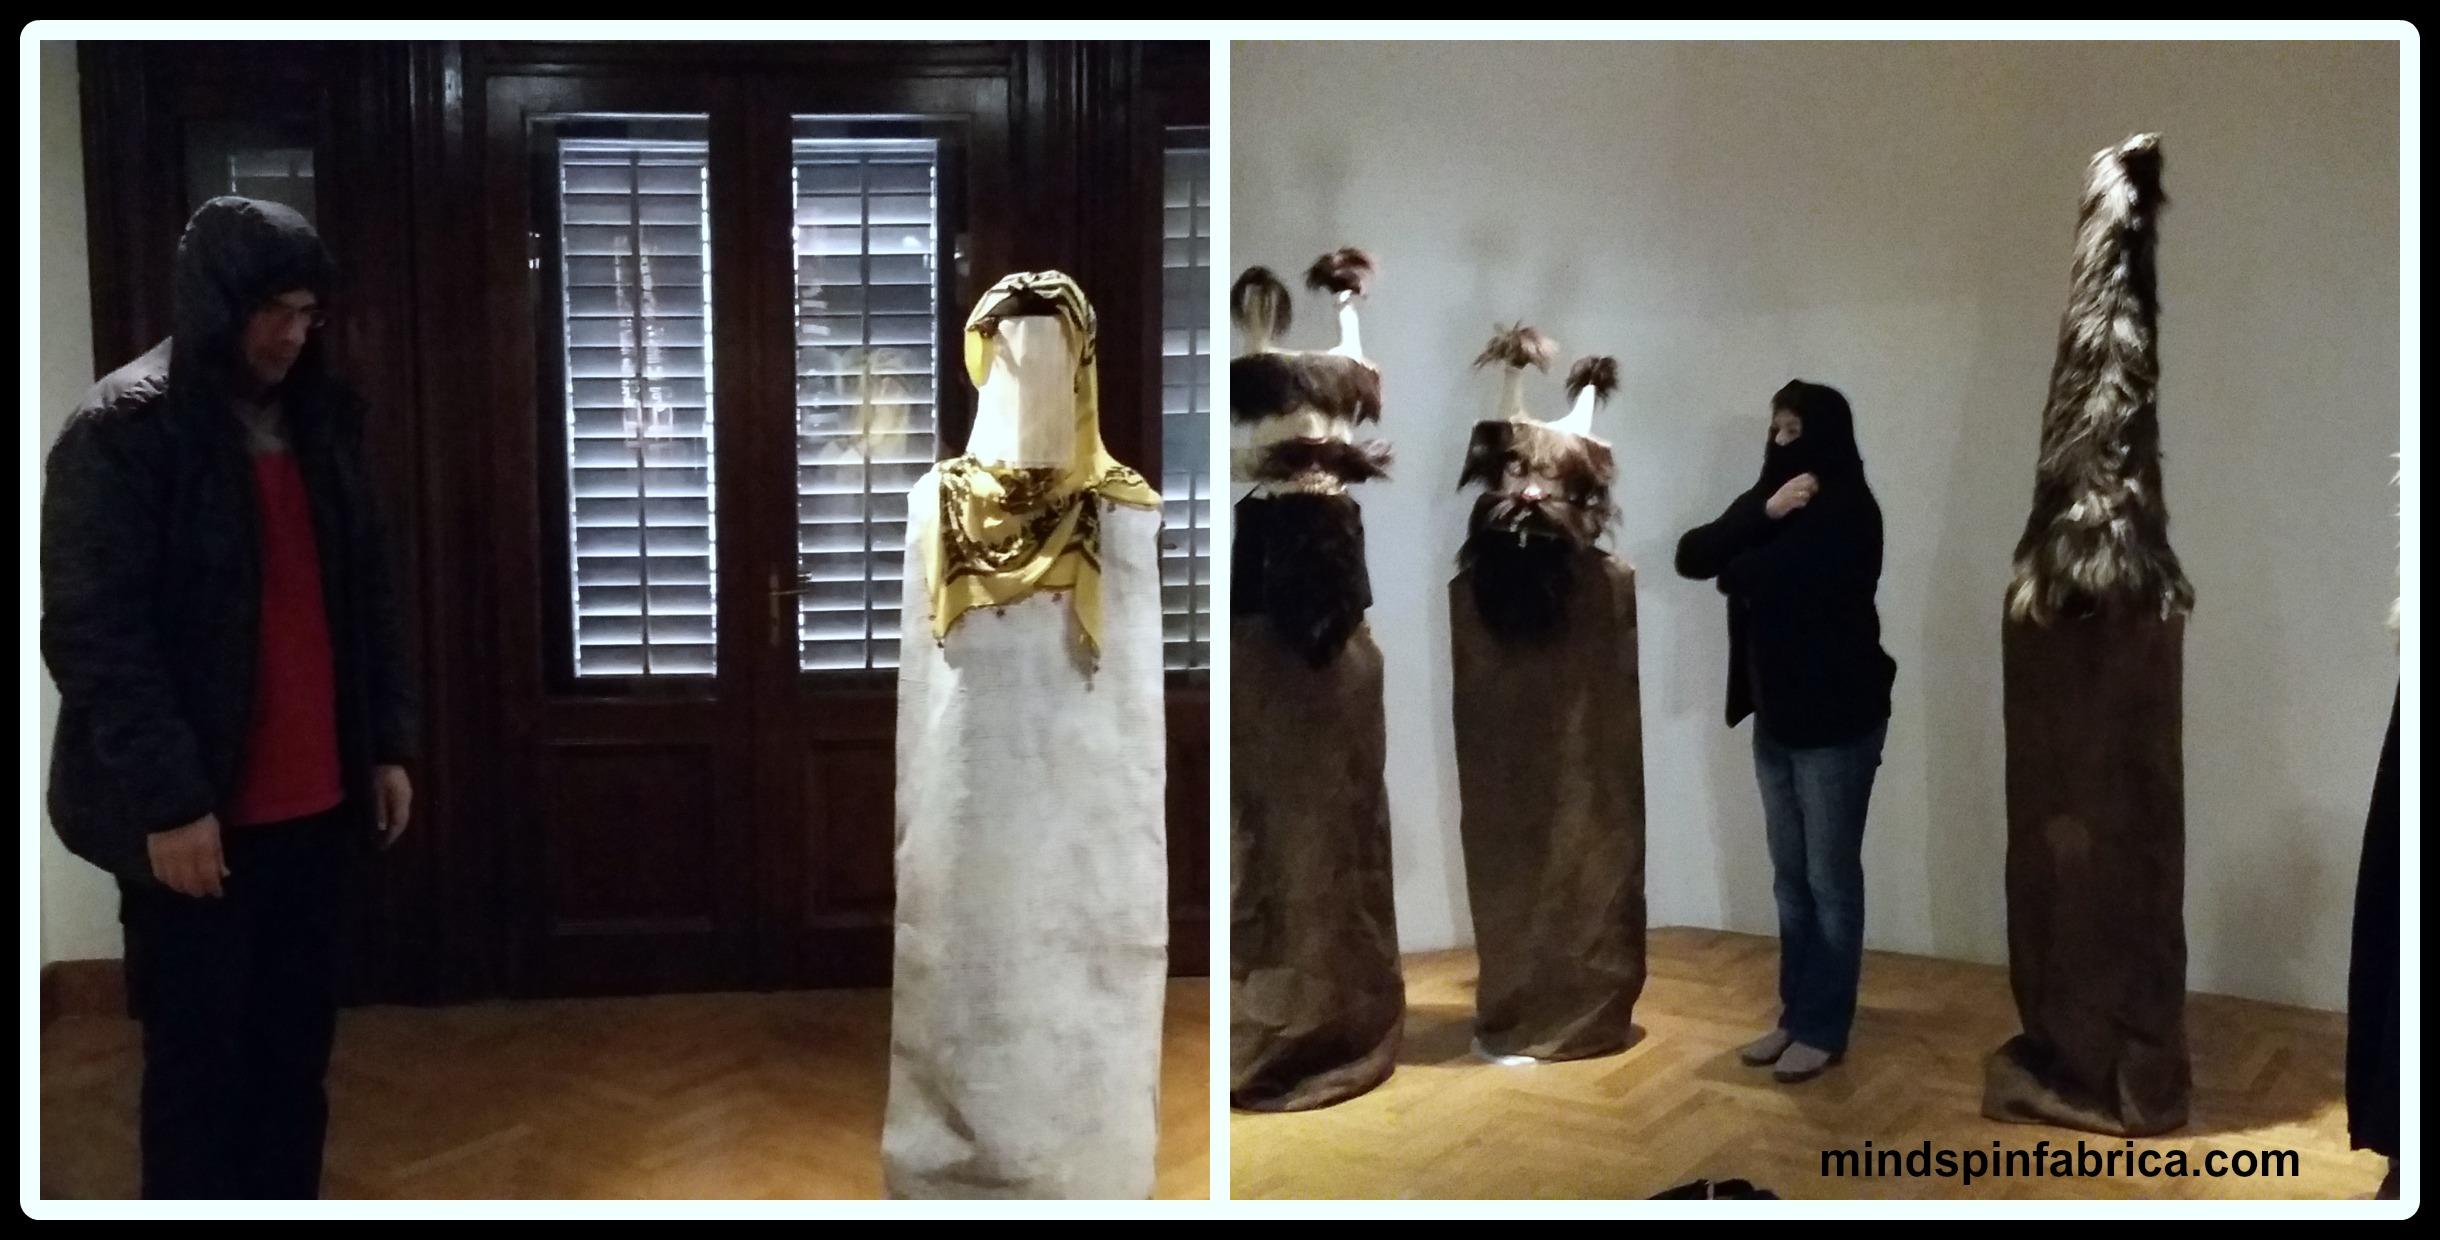 Έκθεση Μάσκες από τη συλλογή Γιώργου Μελίκη